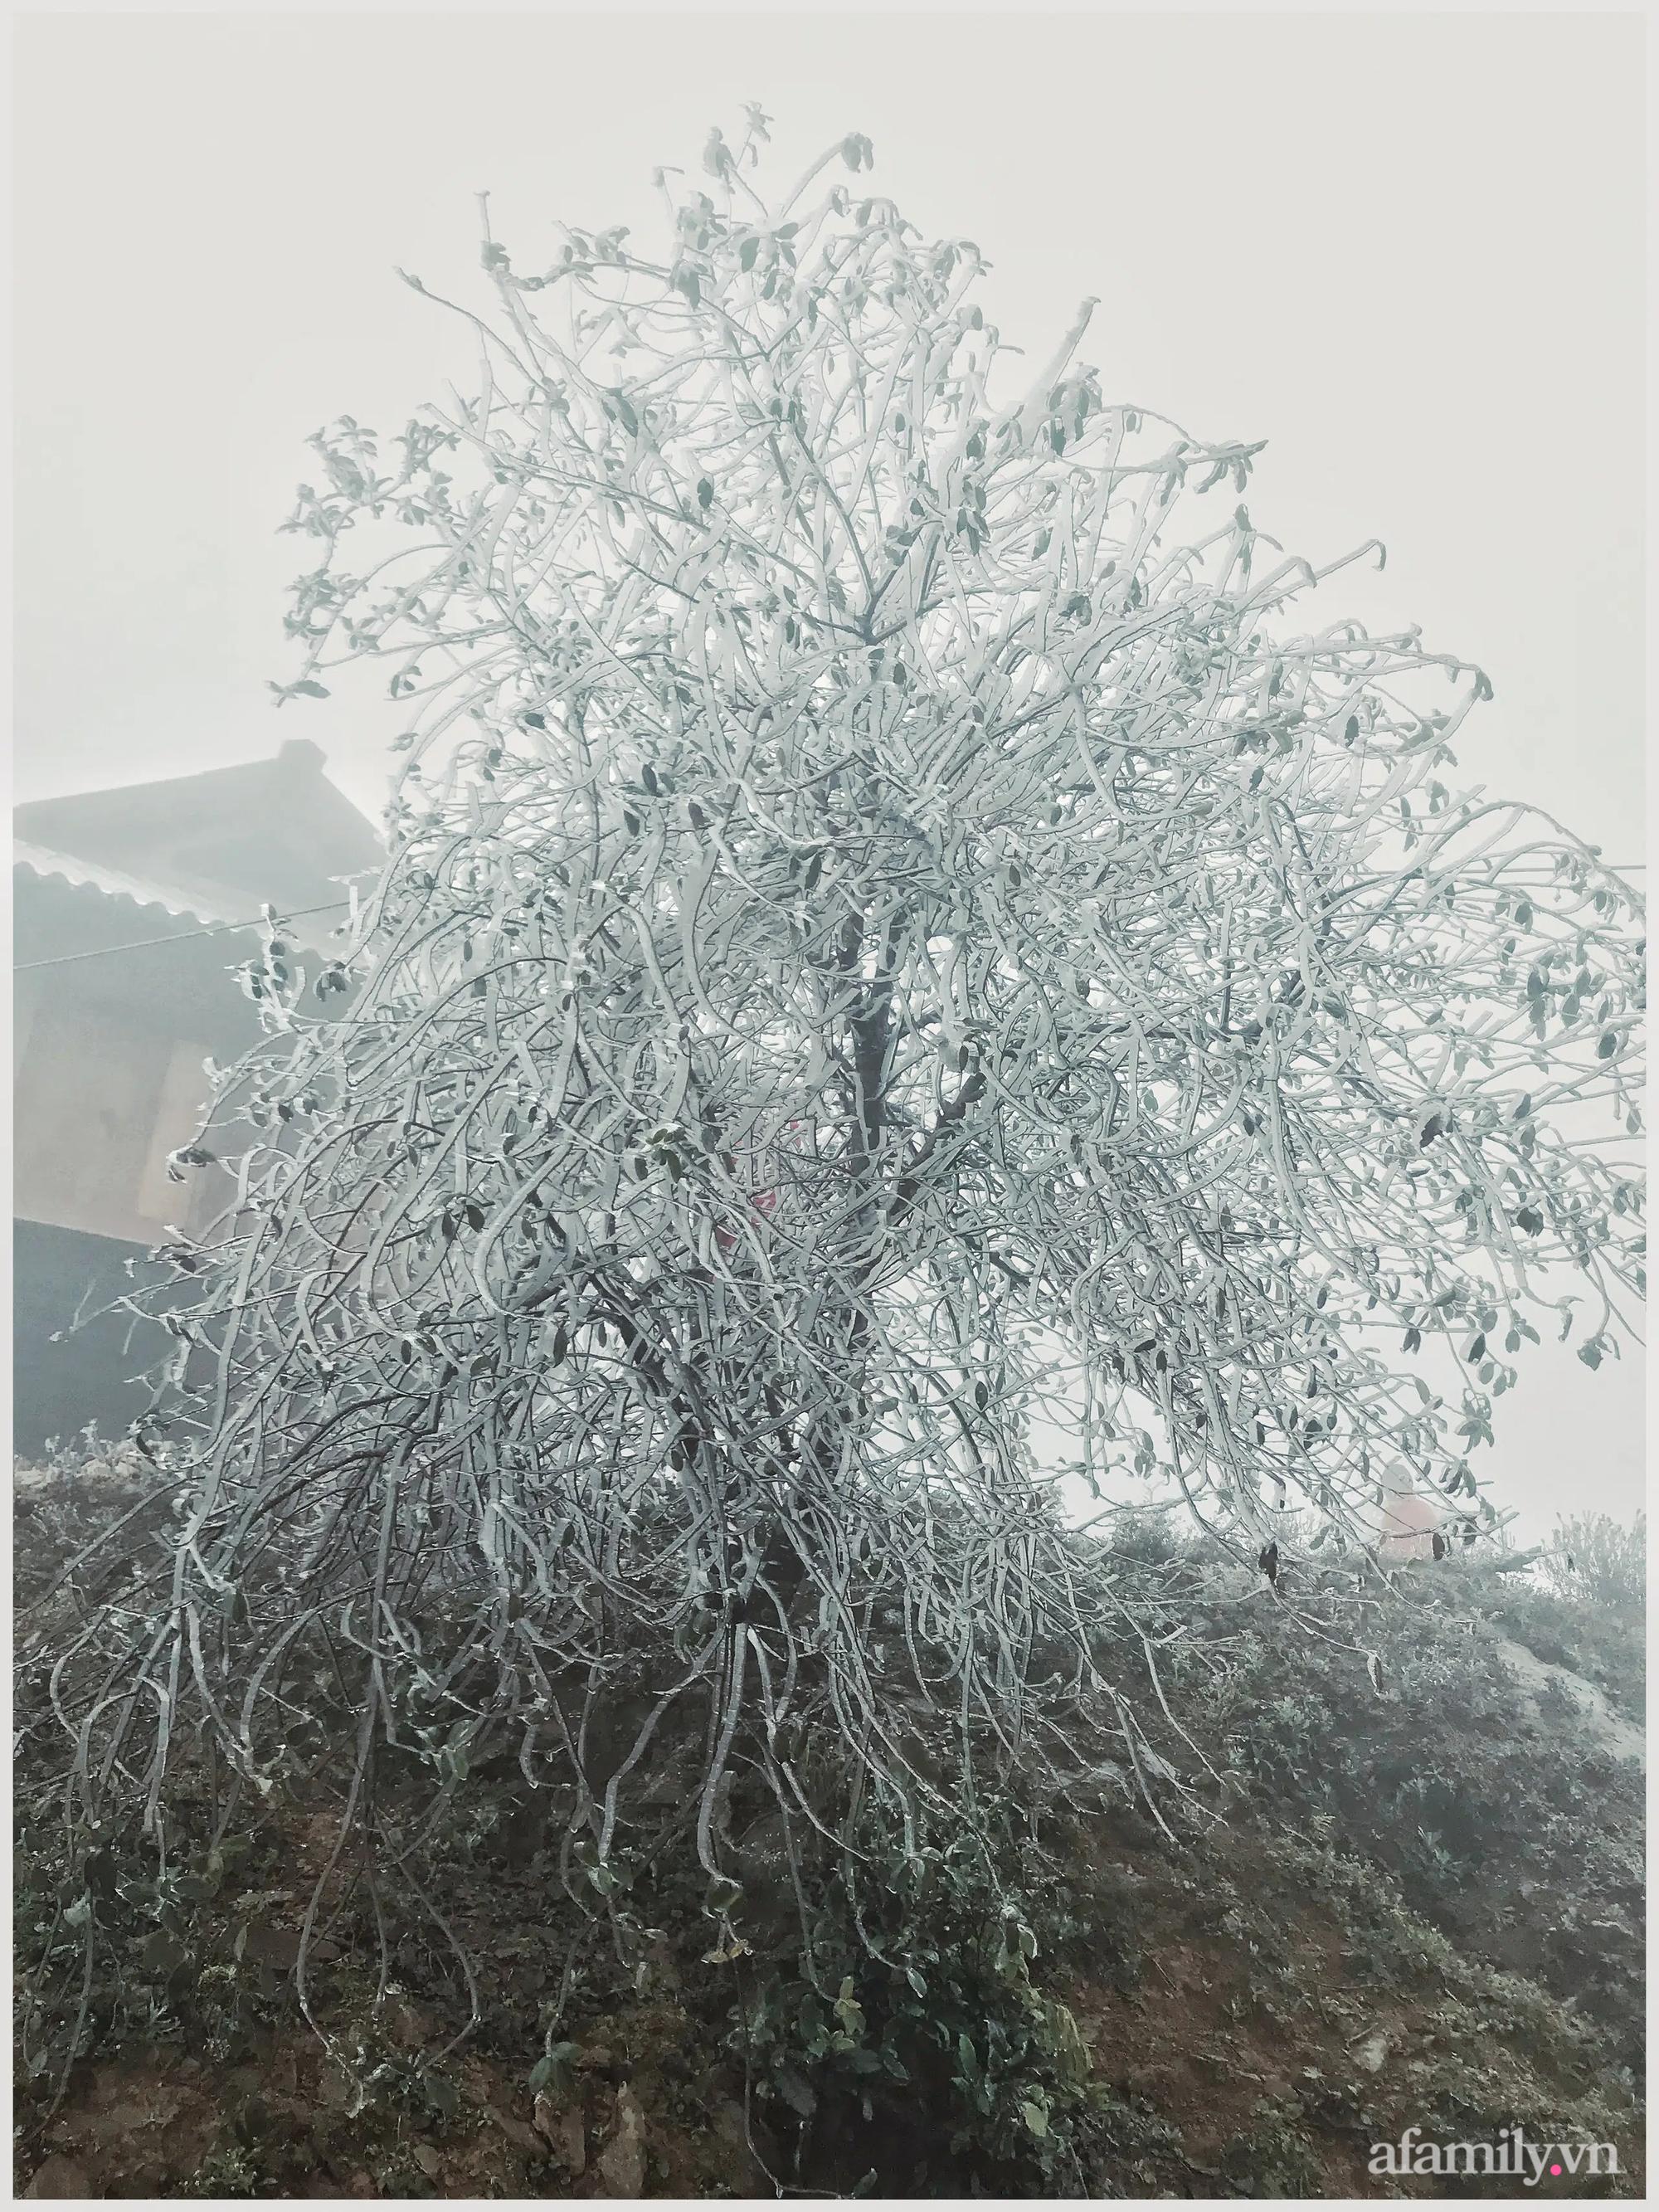 Mê mẩn ngắm nhìn những cành đào vừa chớm nở bị đóng băng ở Tà Xùa - Ảnh 11.